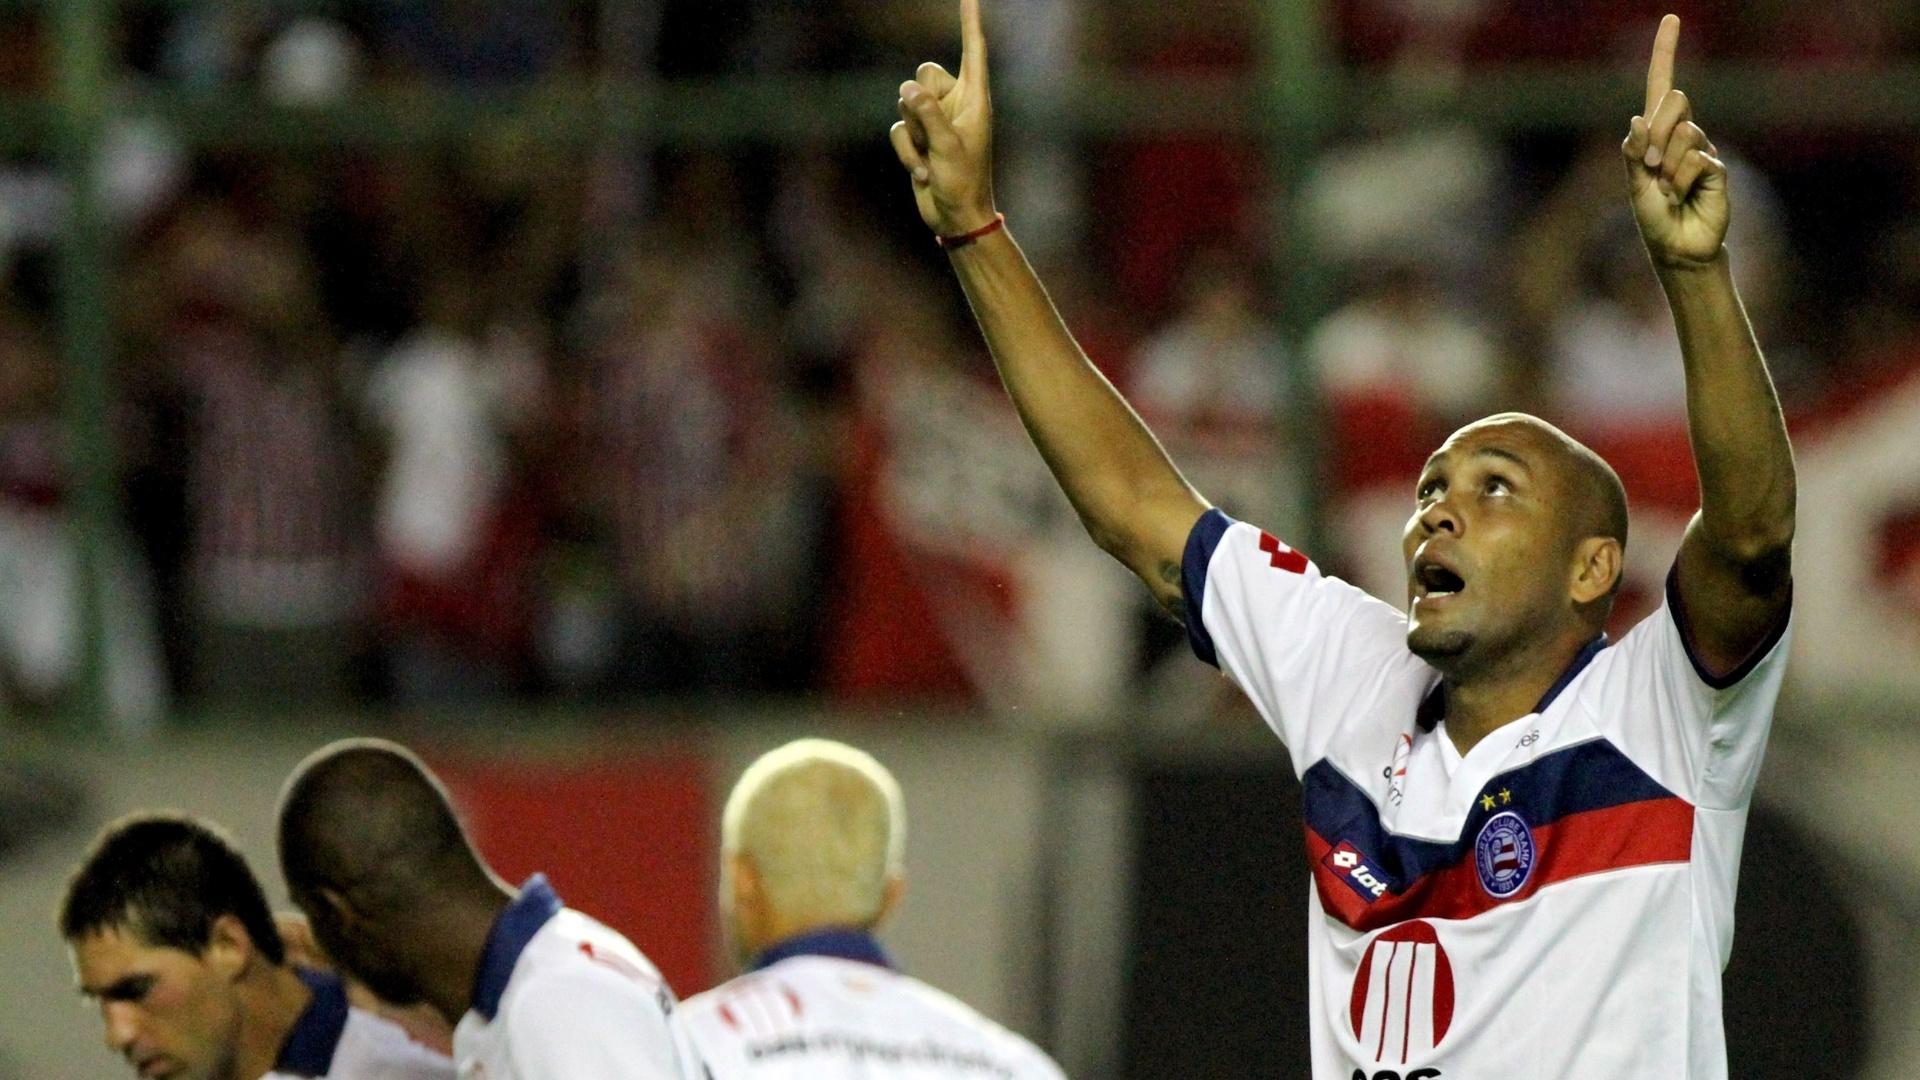 Souza comemora um dos gols do Bahia na vitória por 4 a 3 sobre o São Paulo, pelo Campeonato Brasileiro